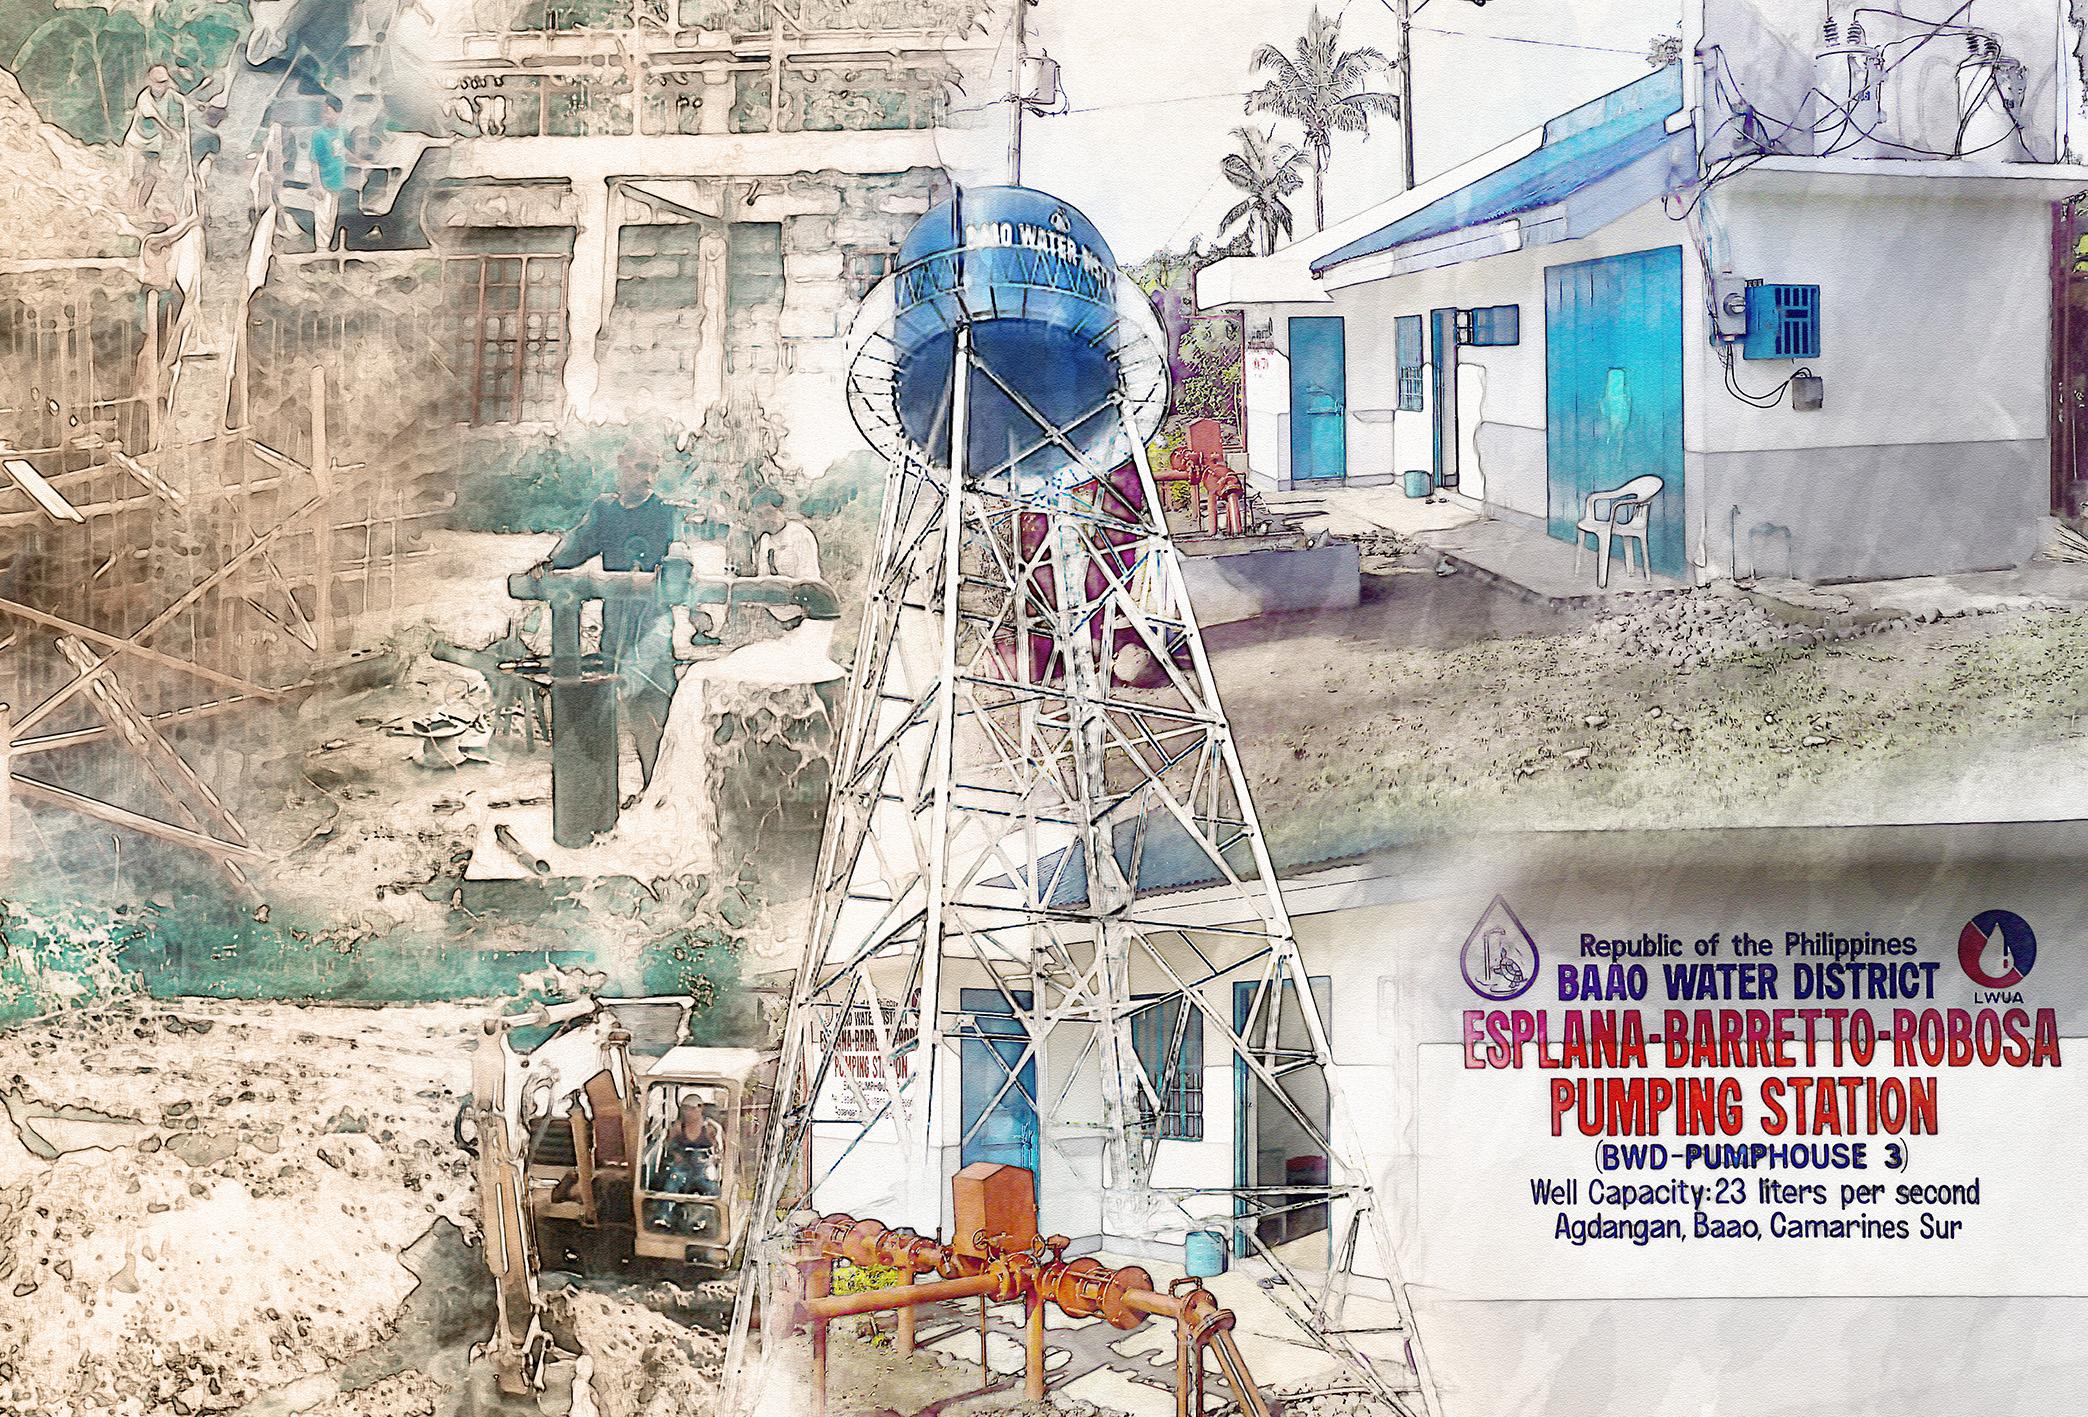 Esplana-Barreto-Robosa Pumping Station at Barangay Agdangan, Baao, Camarines Sur